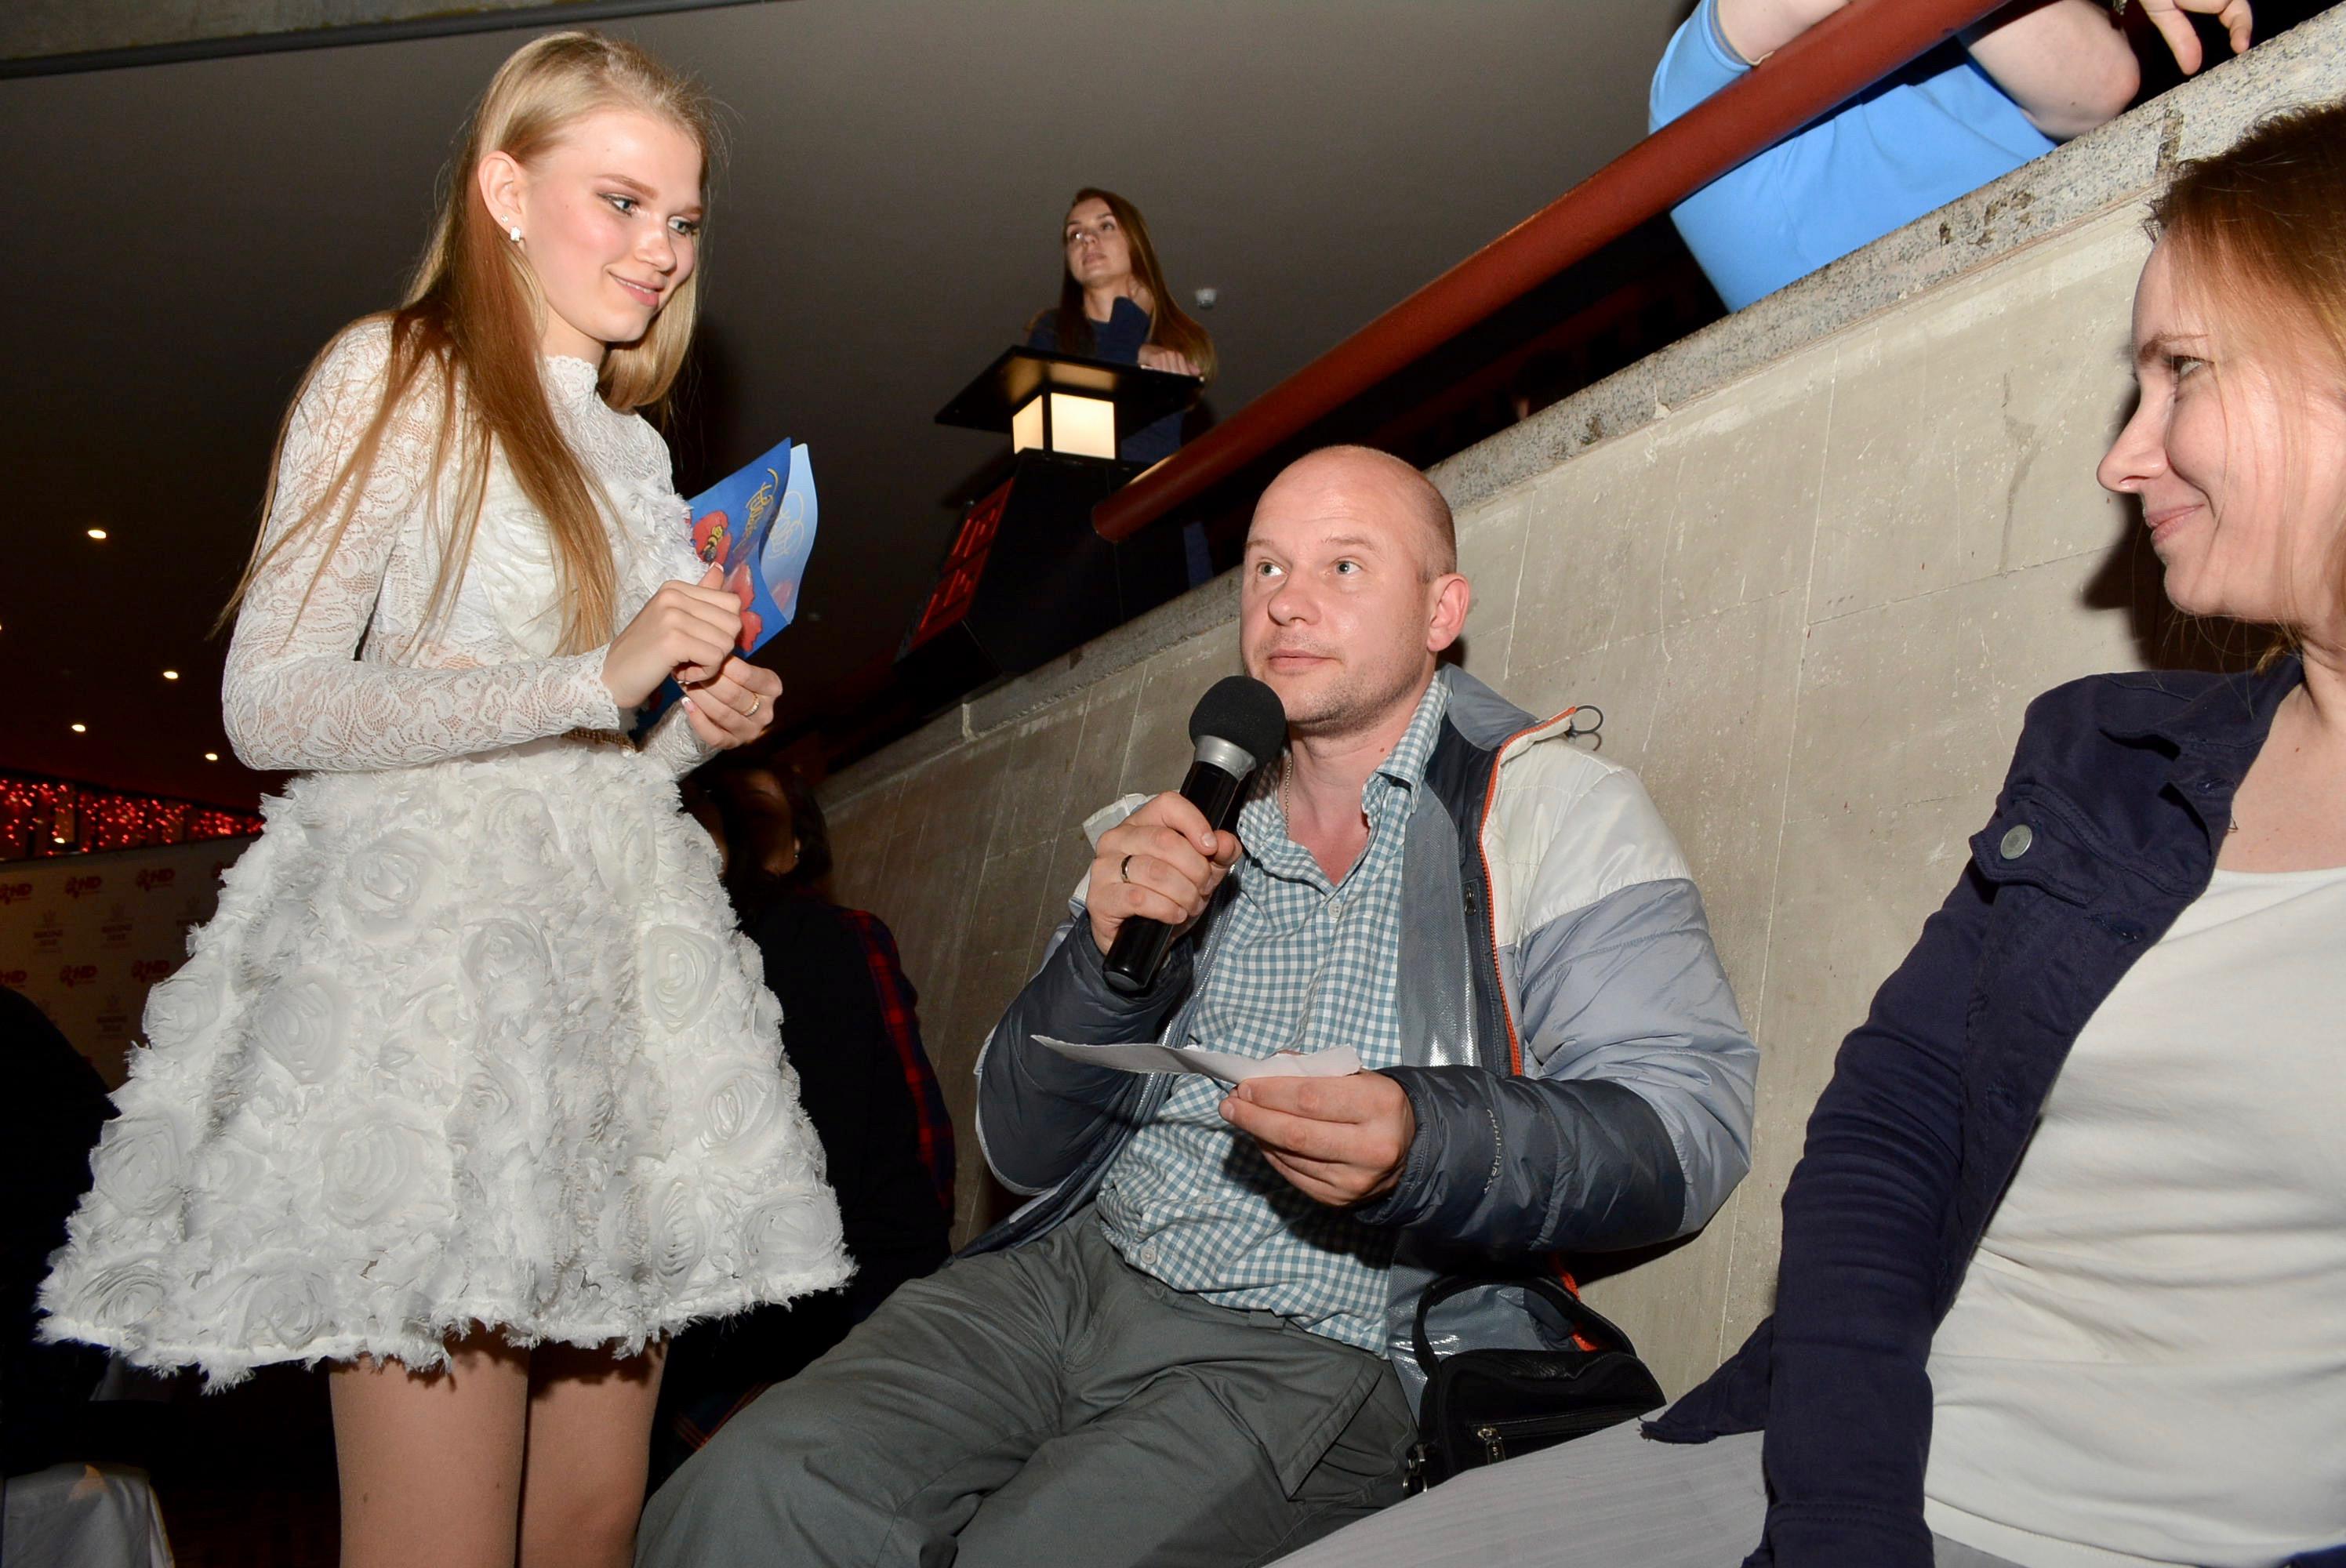 台下觀眾在問答環節圍繞世界盃問題質詢佳麗。